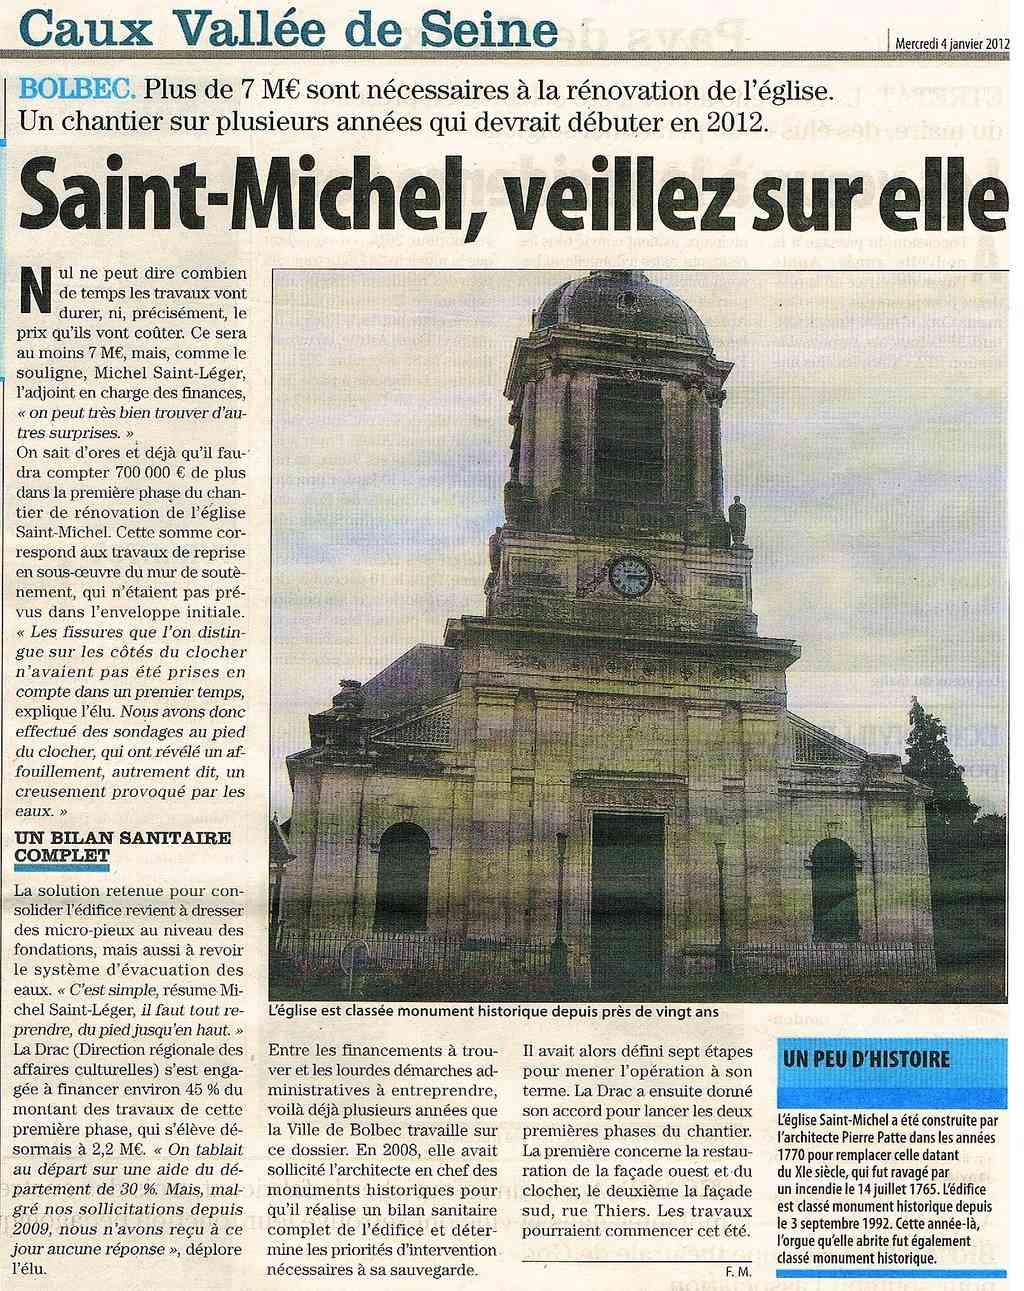 Saint - Histoire des communes - Bolbec 2012-035